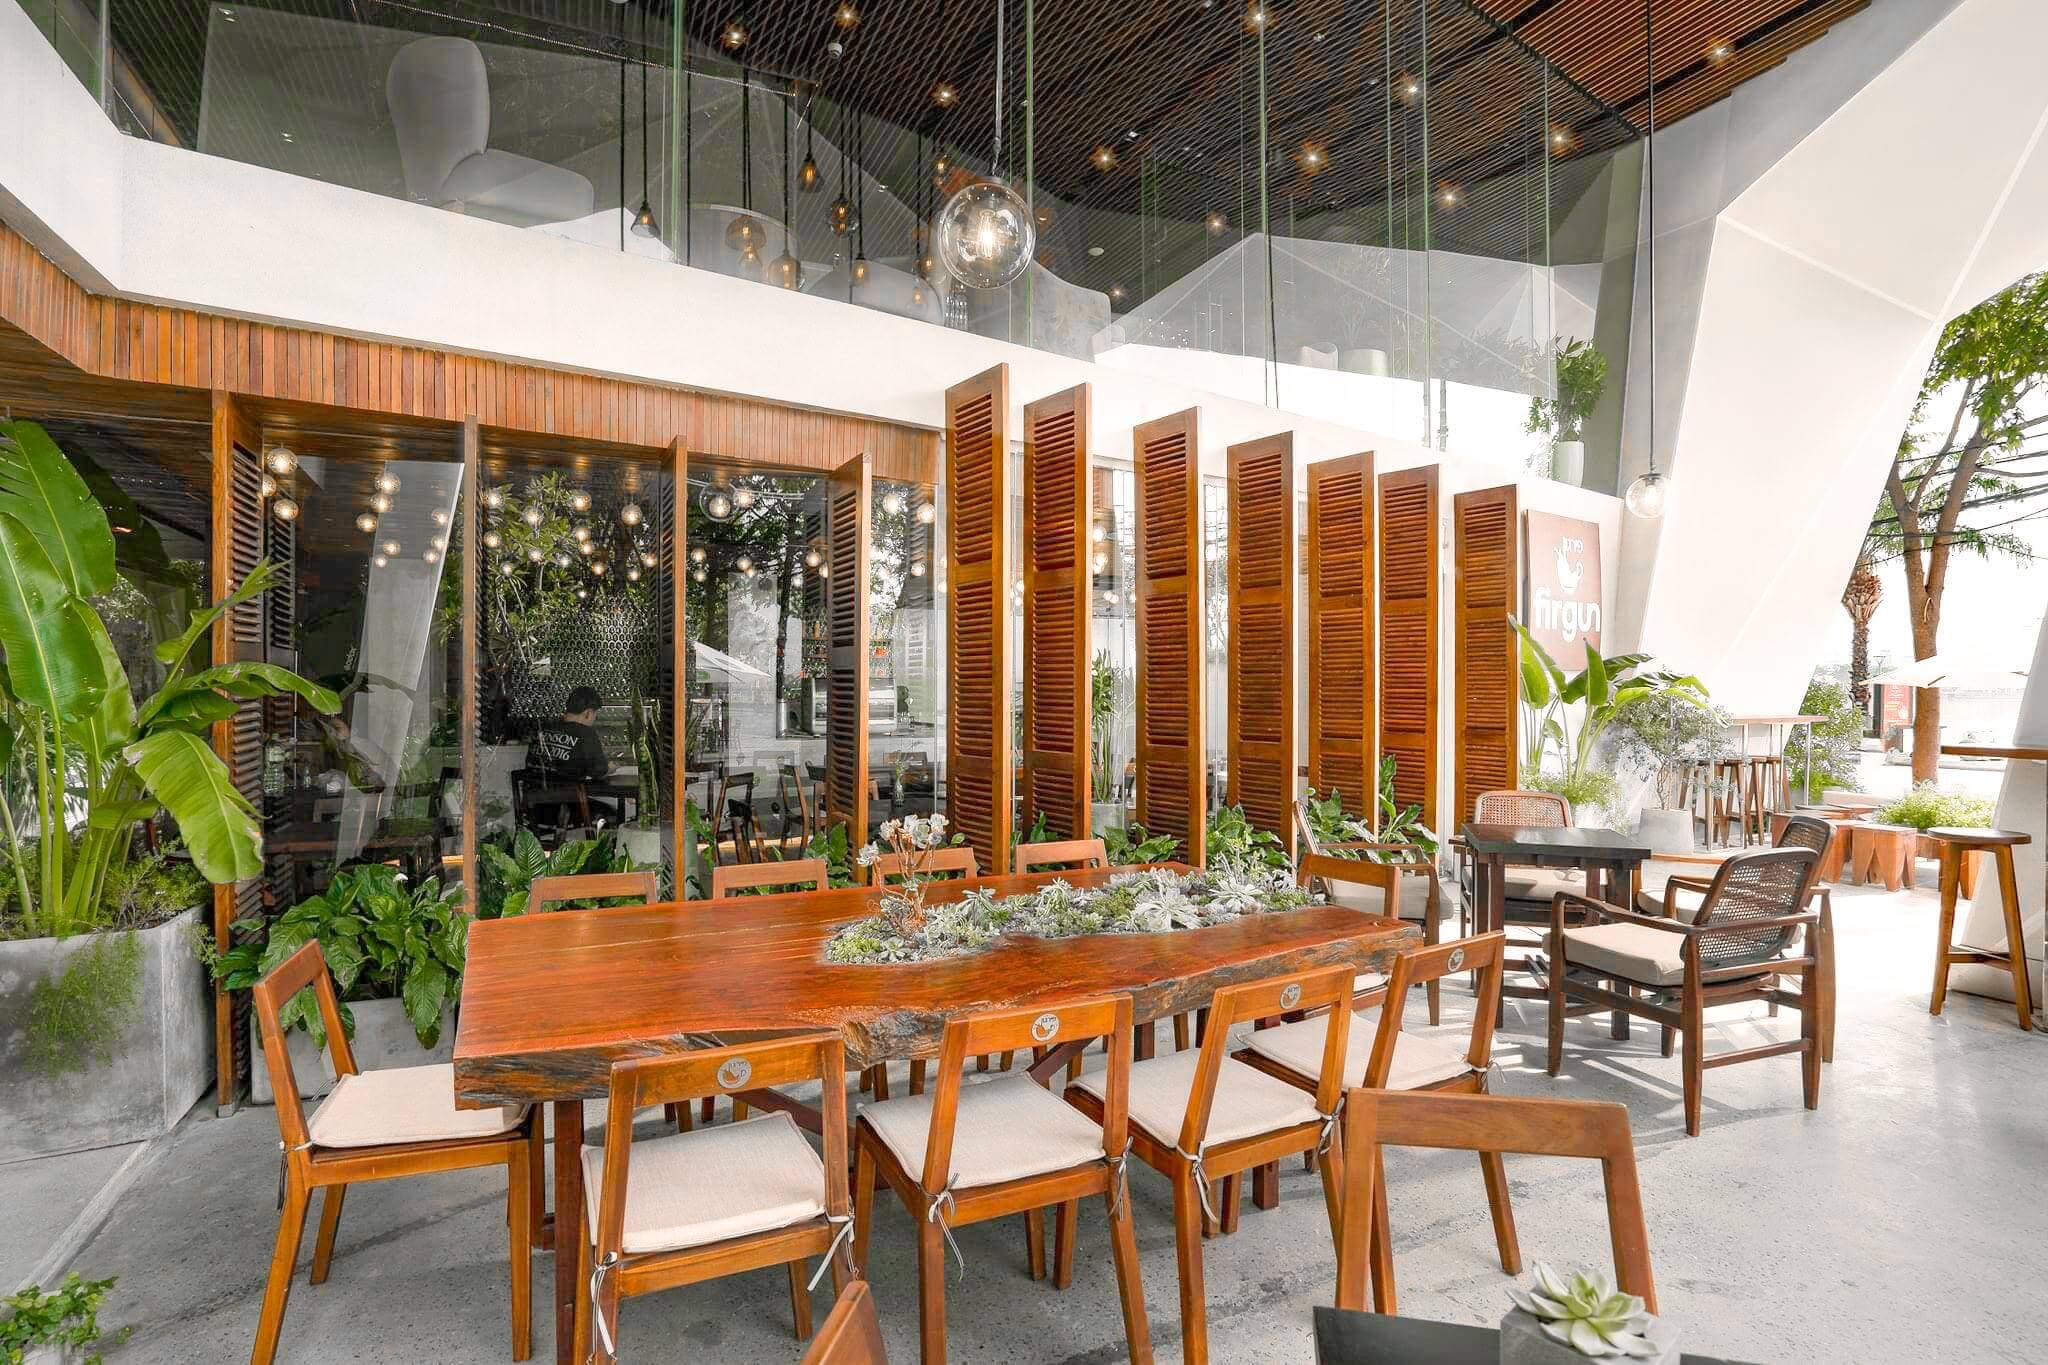 GOADESIGN-Tư Vấn-Thiết Kế-Thi Công-Nhà hàng-Cà Phê (2)